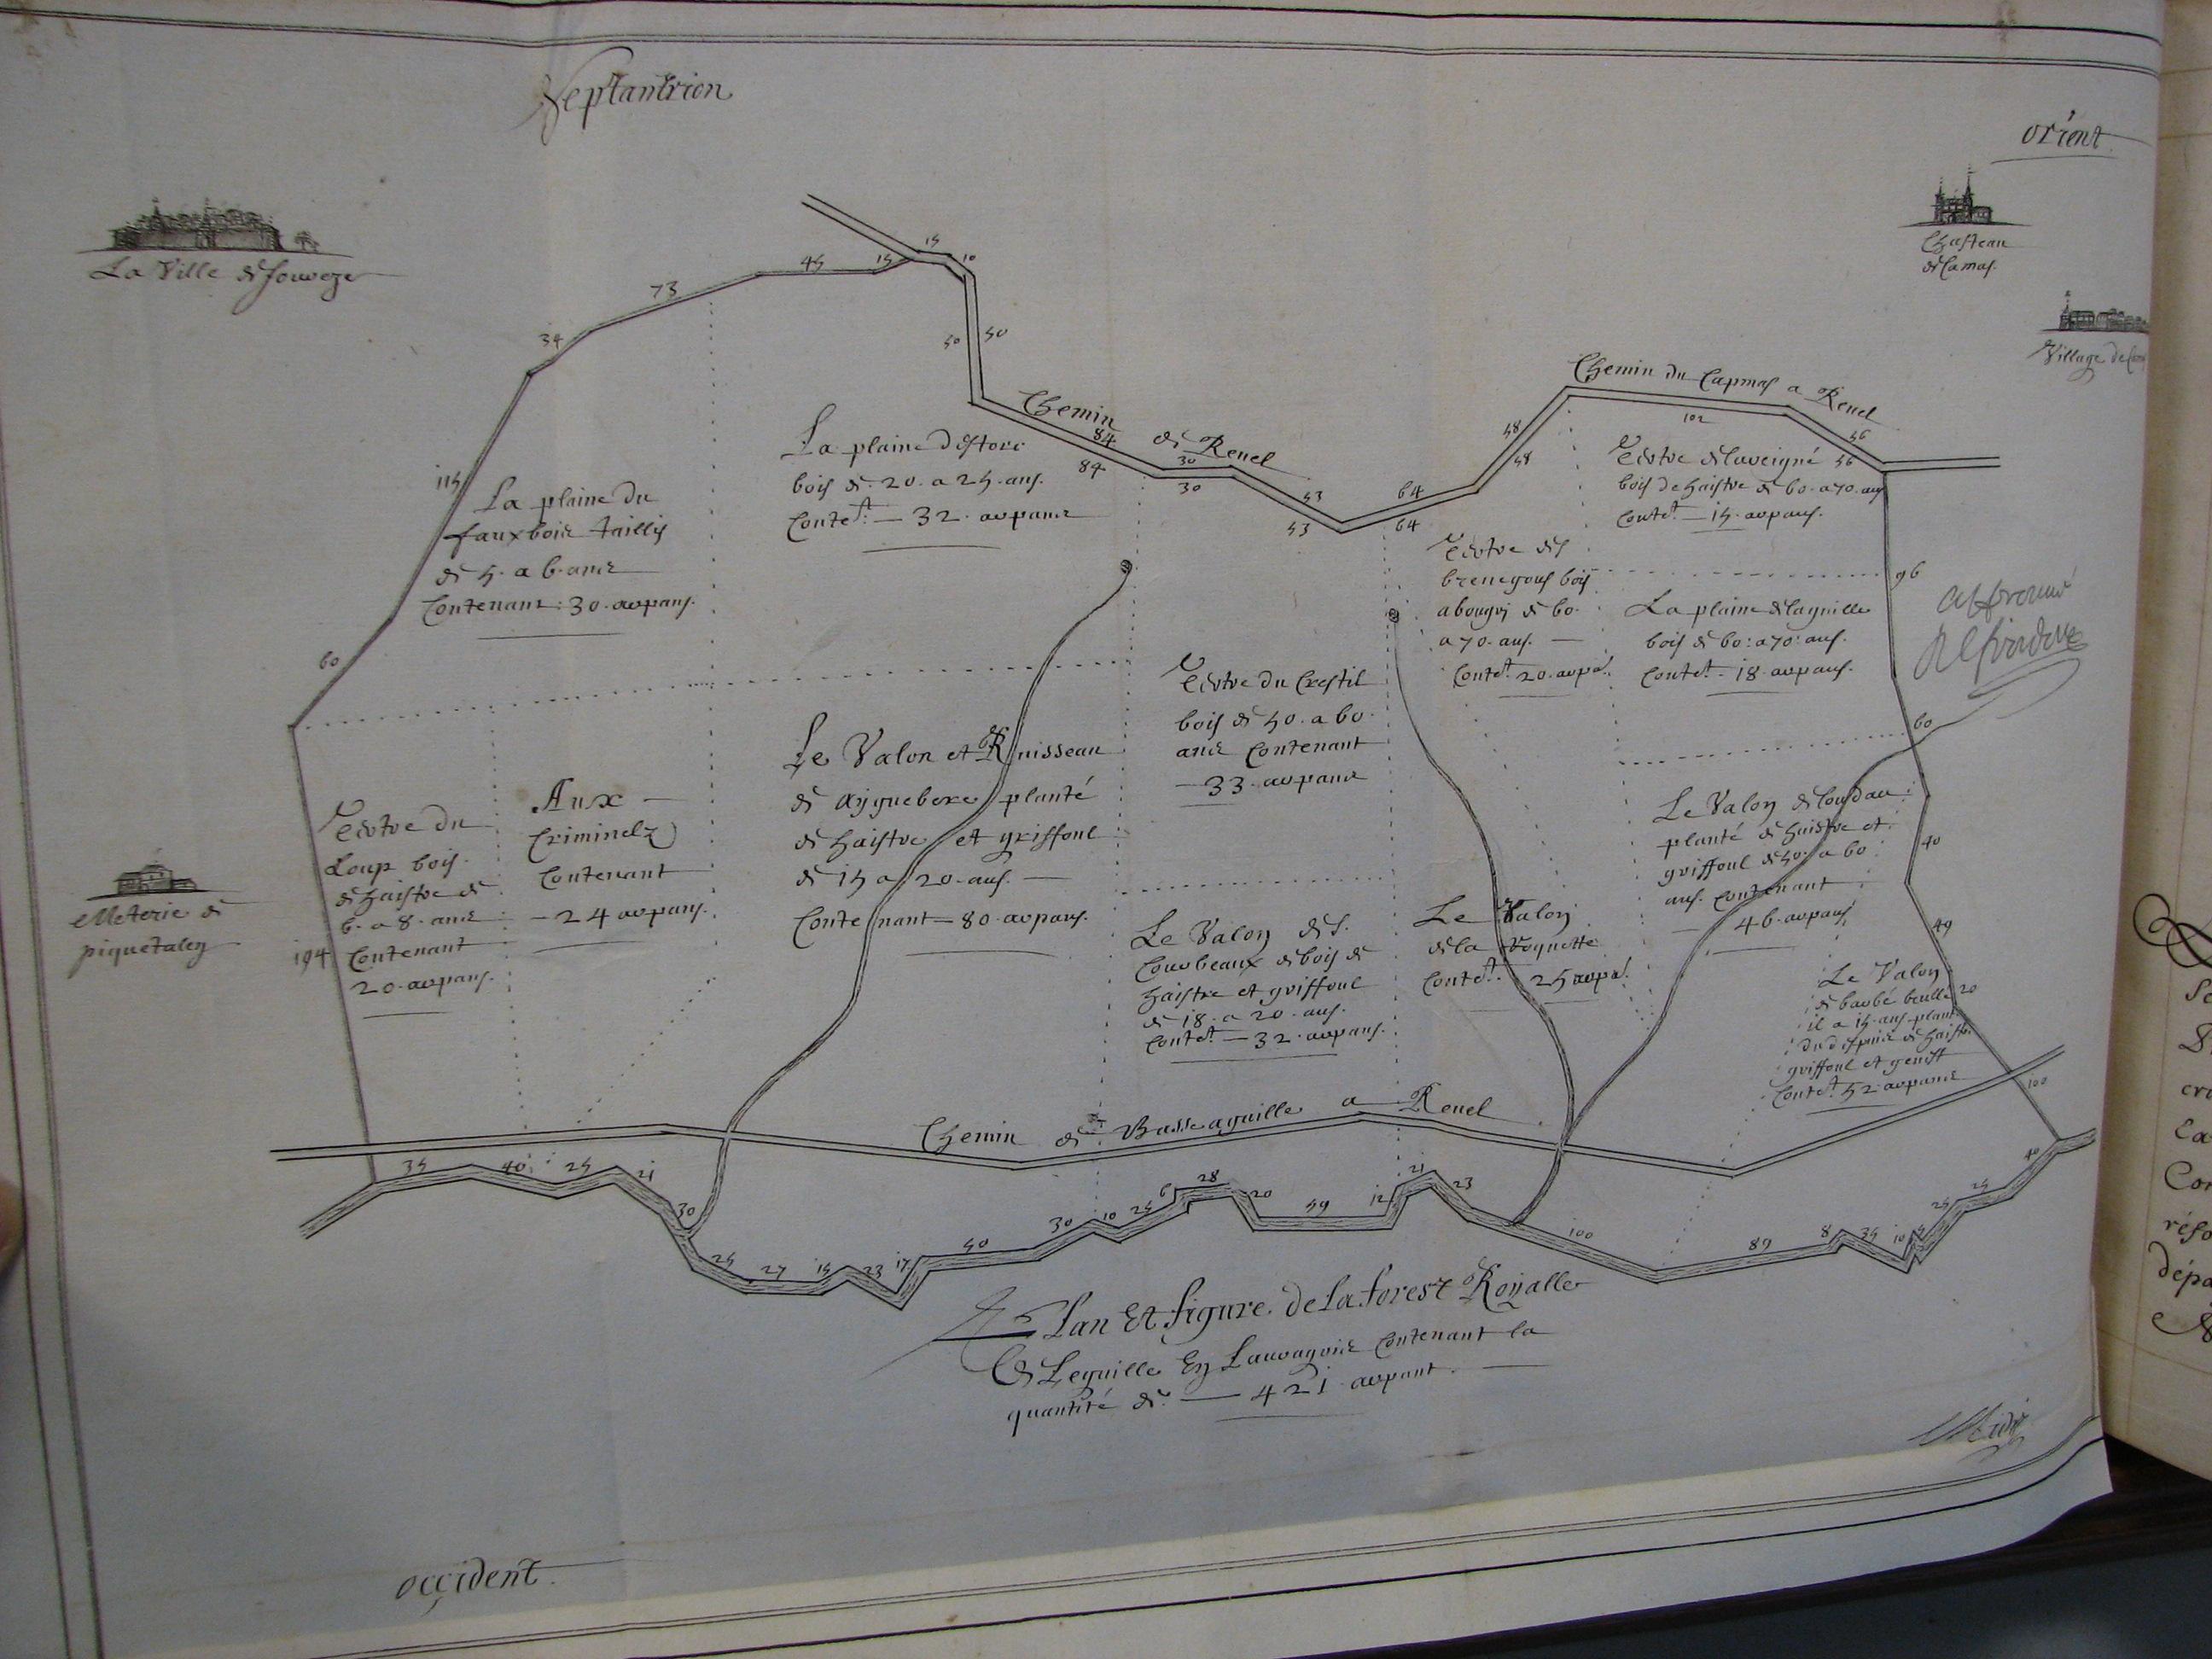 Plan 1 : Plan et figure de la forest royalle de Leguille en Lauragois contenant la quantité de 421 arpents, Archives départementales de la Haute-Garonne, 8 B 006, f°134 v.